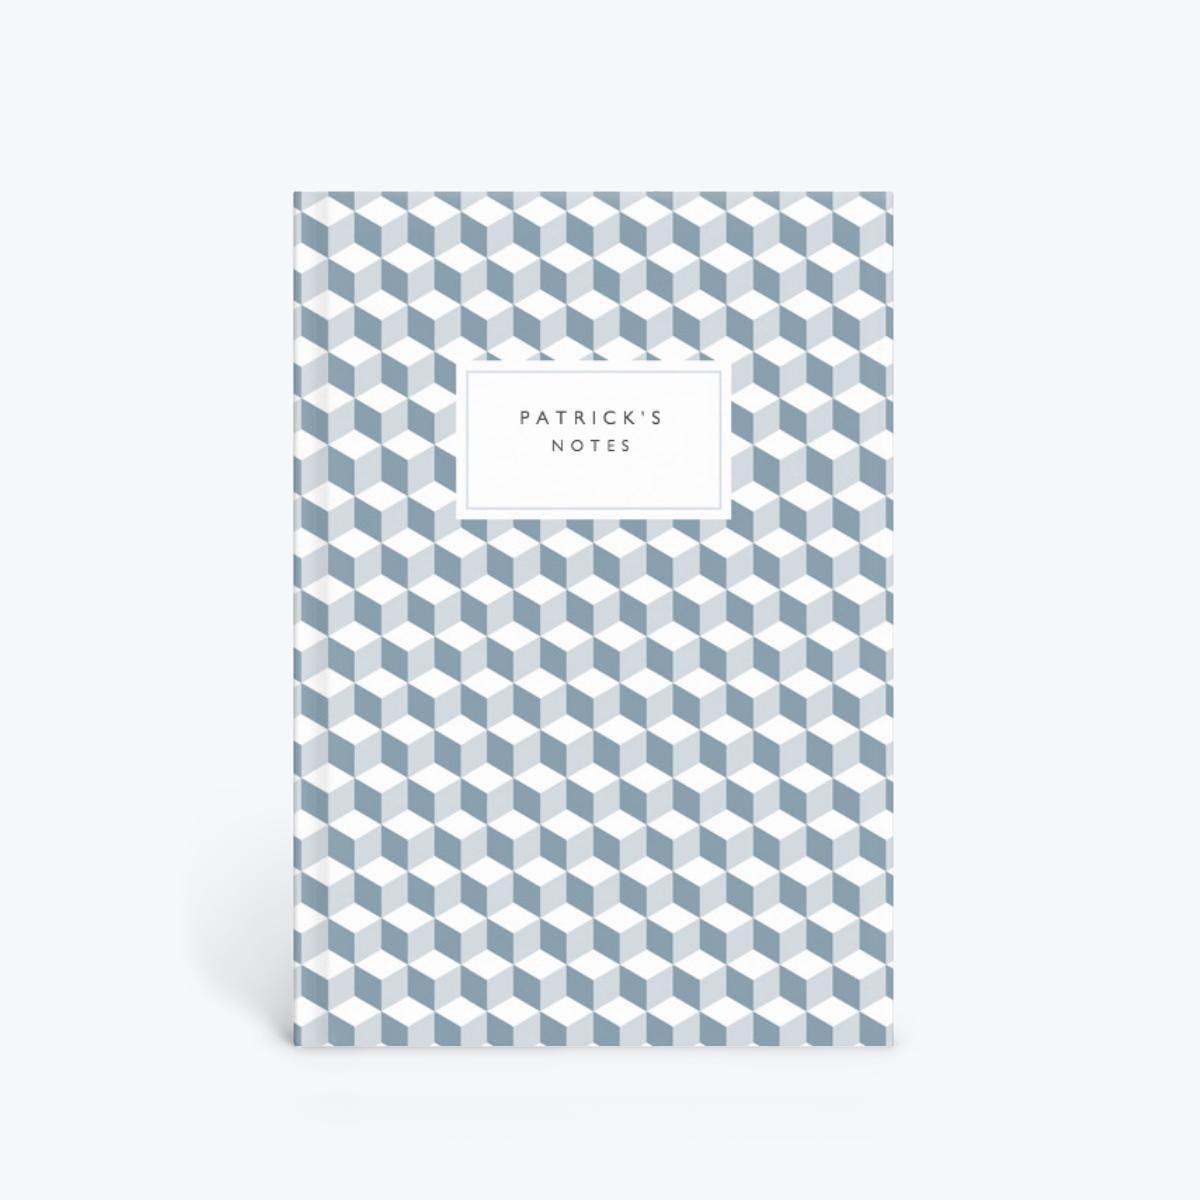 papier_notebook.jpg